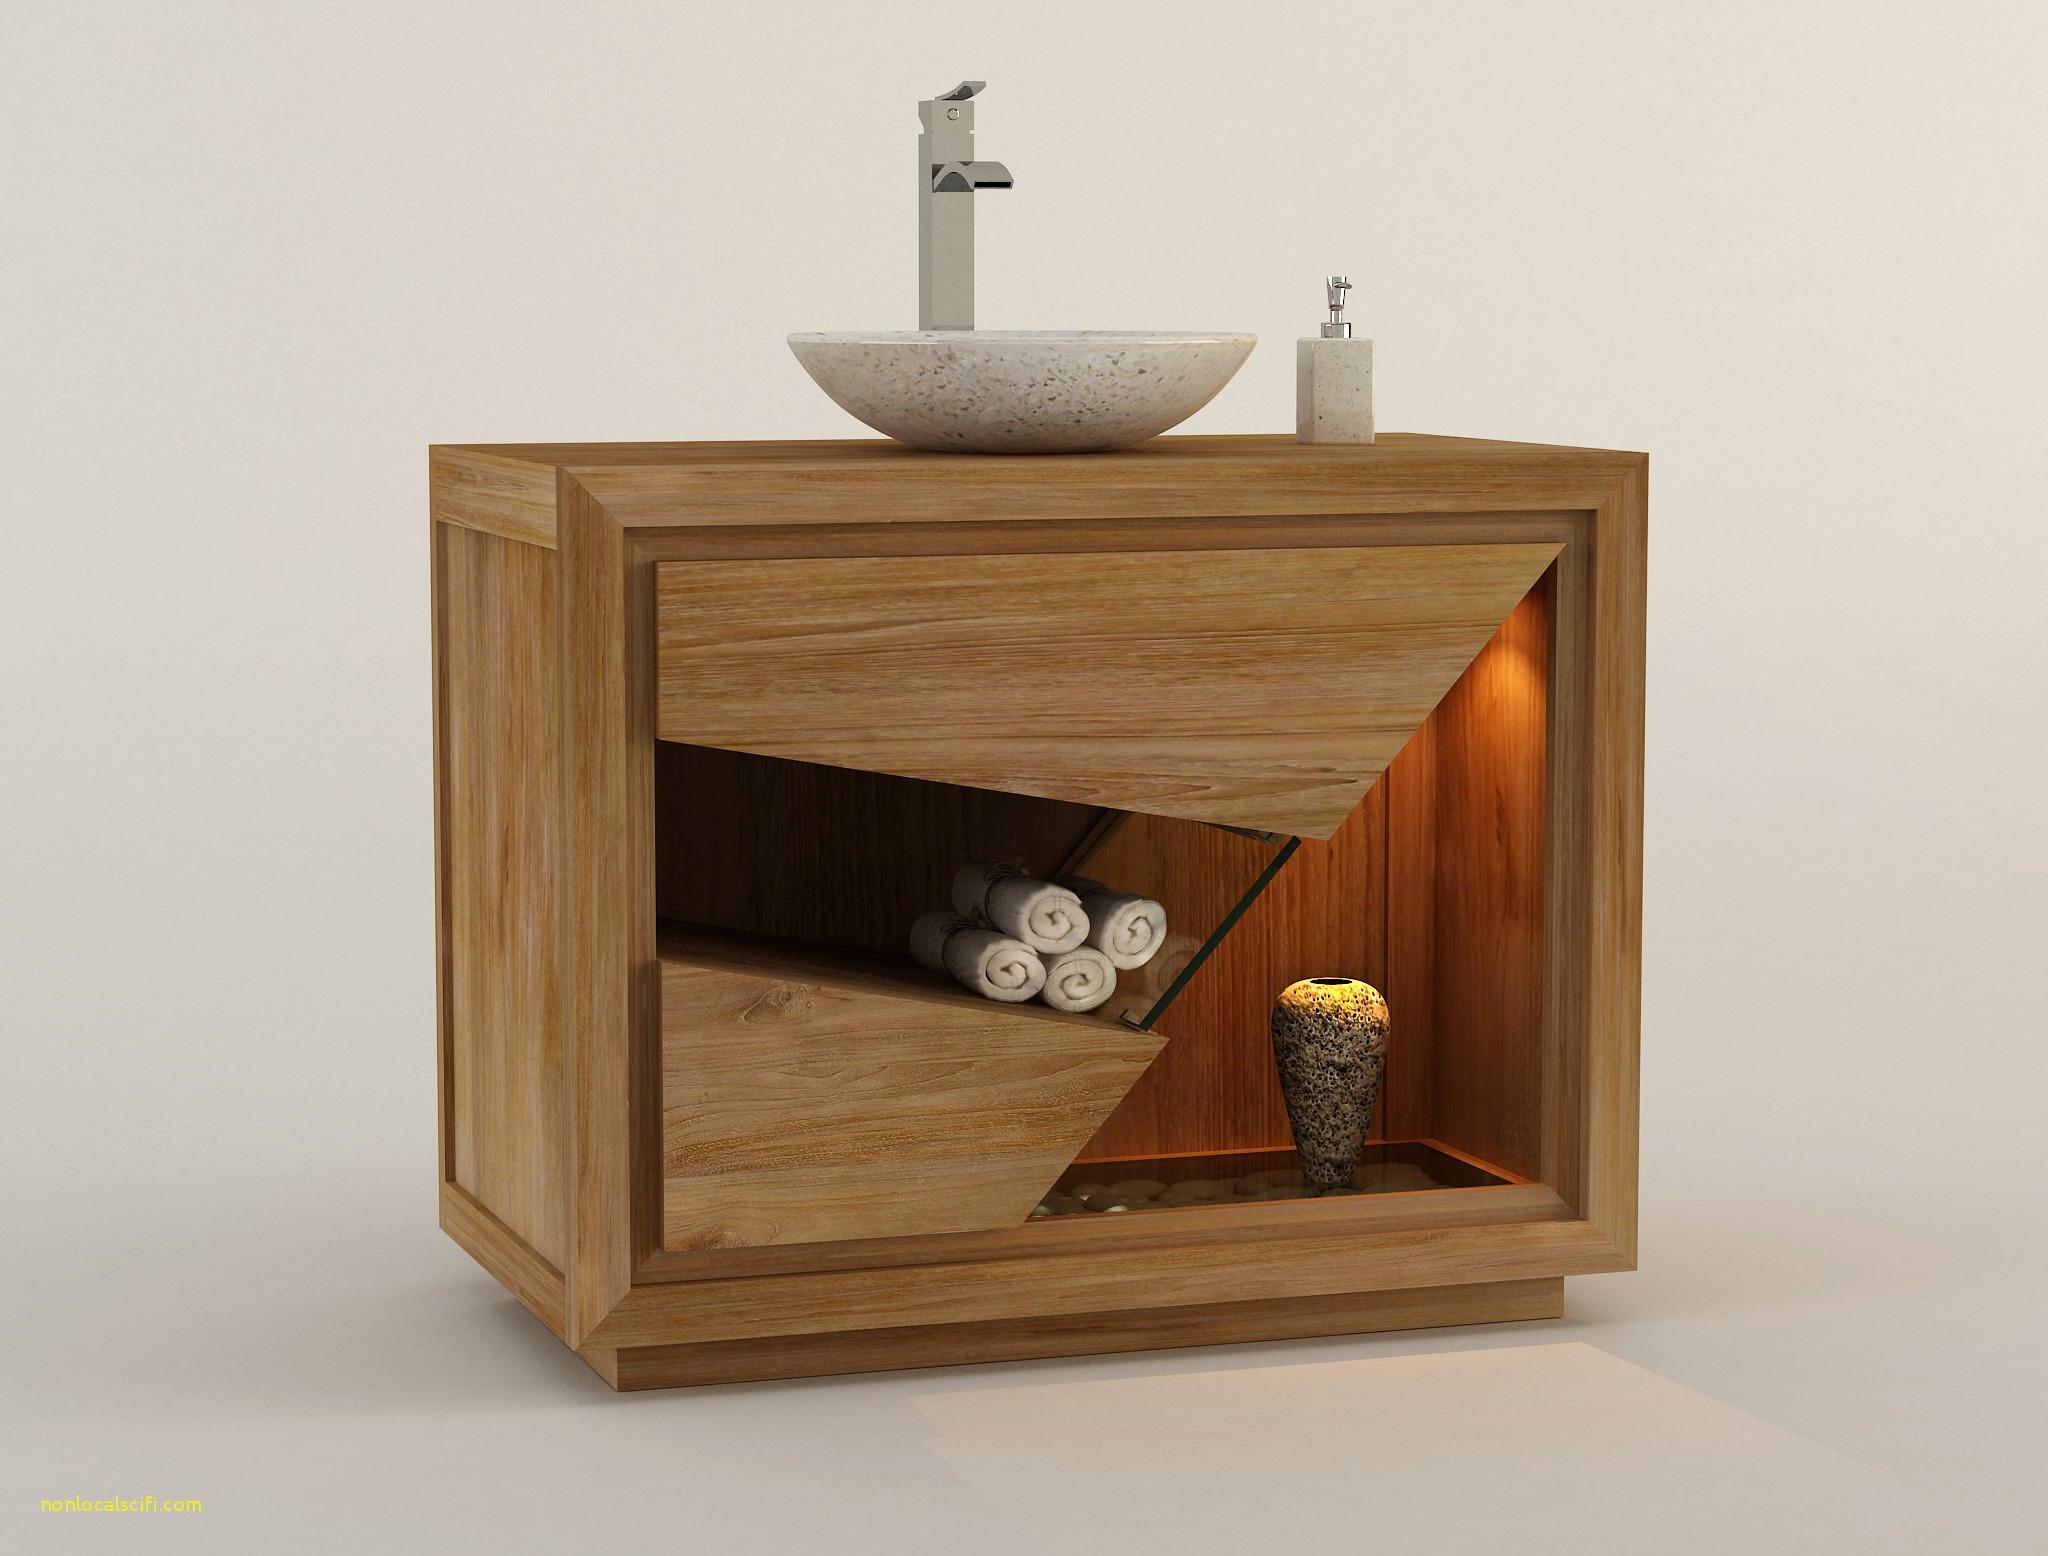 Ikea Meuble sous Vasque Luxe Image Résultat Supérieur 100 Luxe Meuble sous Lavabo Bois Galerie 2018